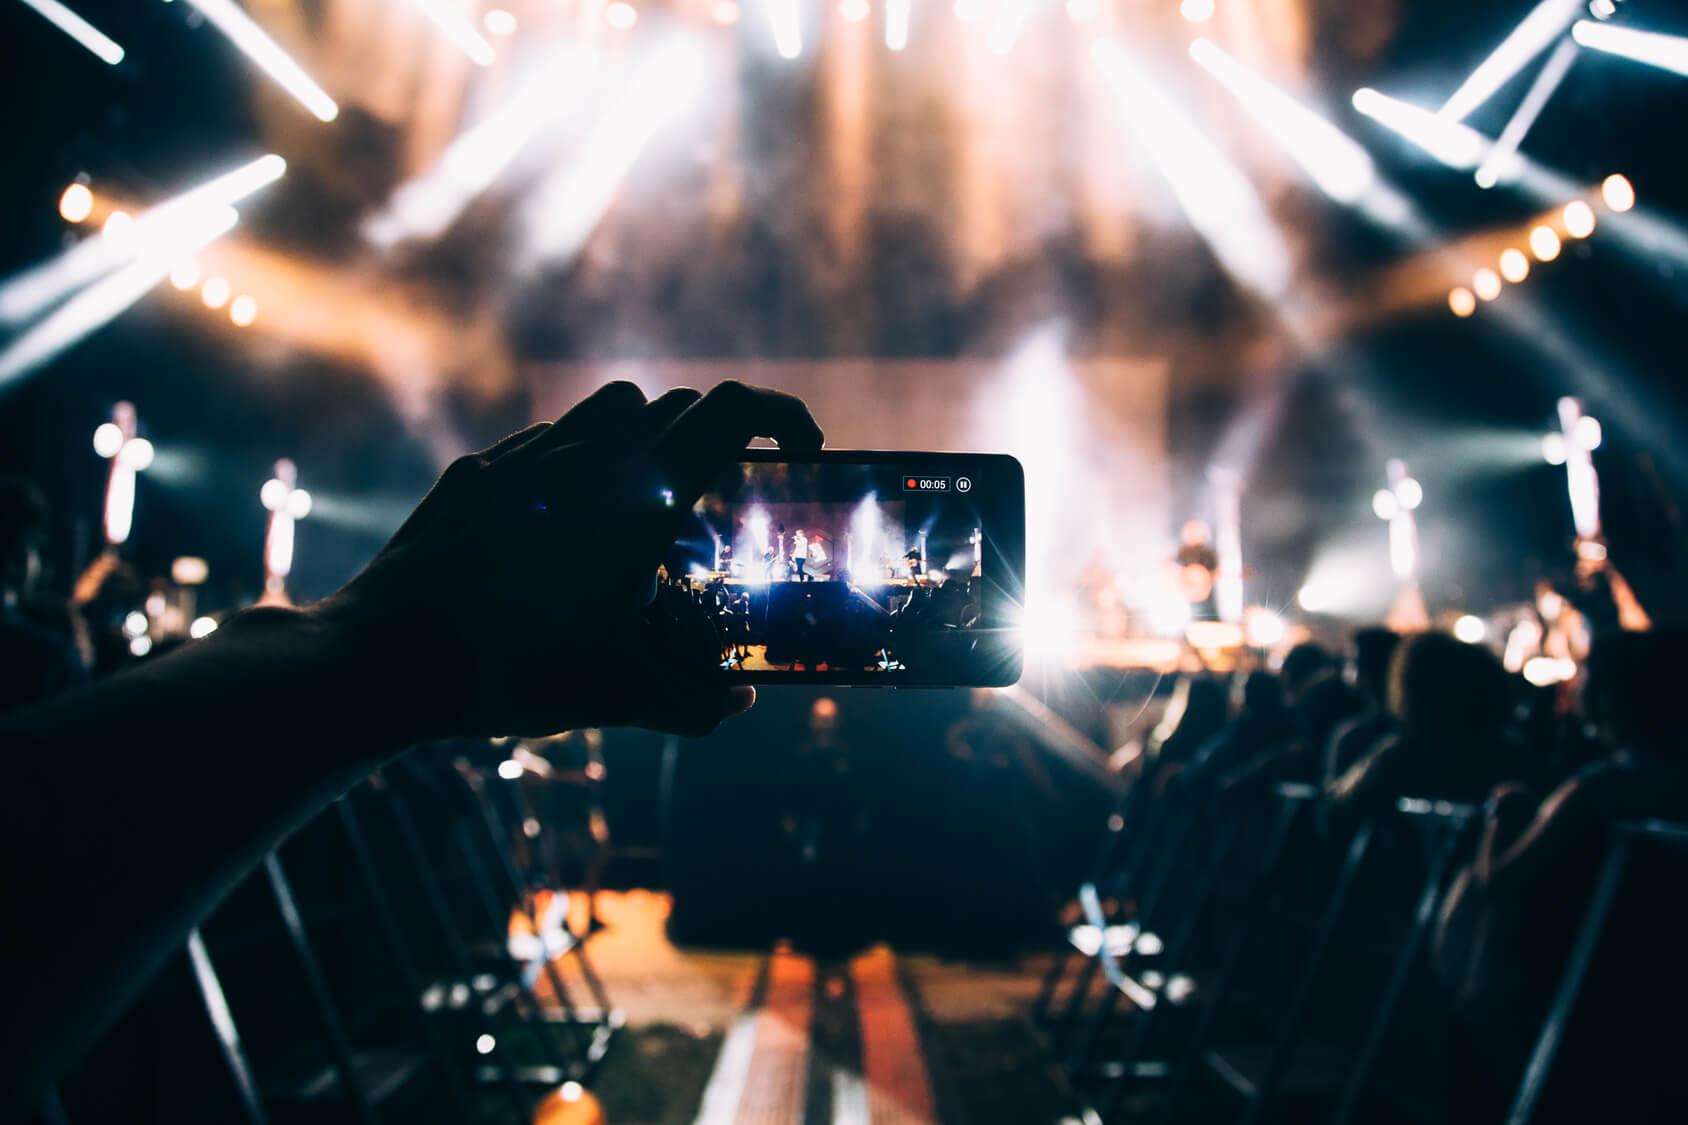 Concert being filmed through an iPhone TR